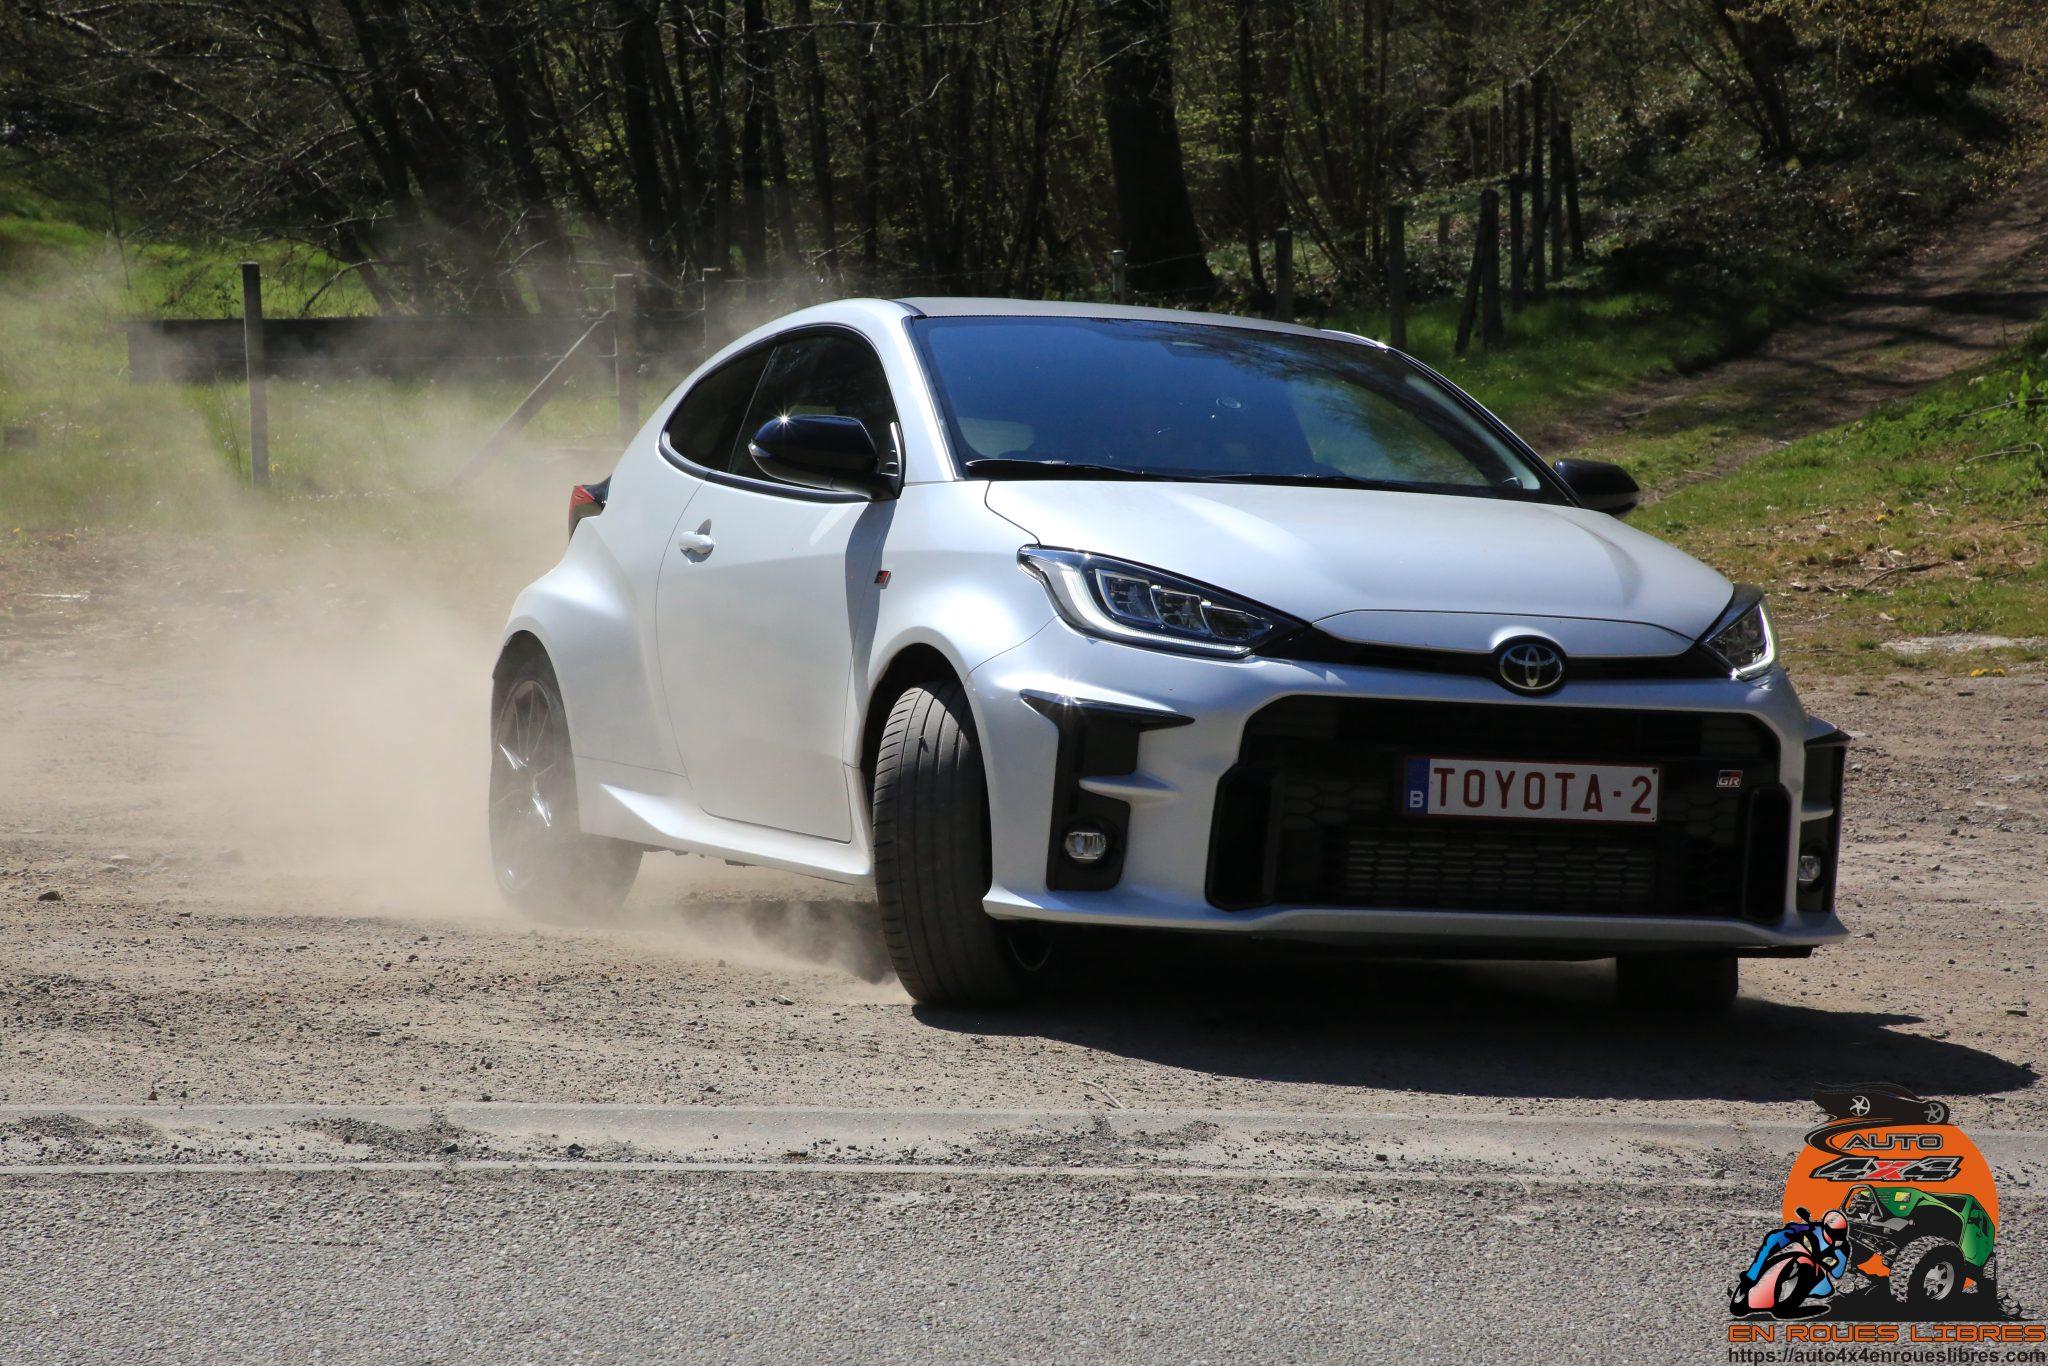 « Rallye ou street legal ? » Essai de la Toyota Yaris GR-Four !